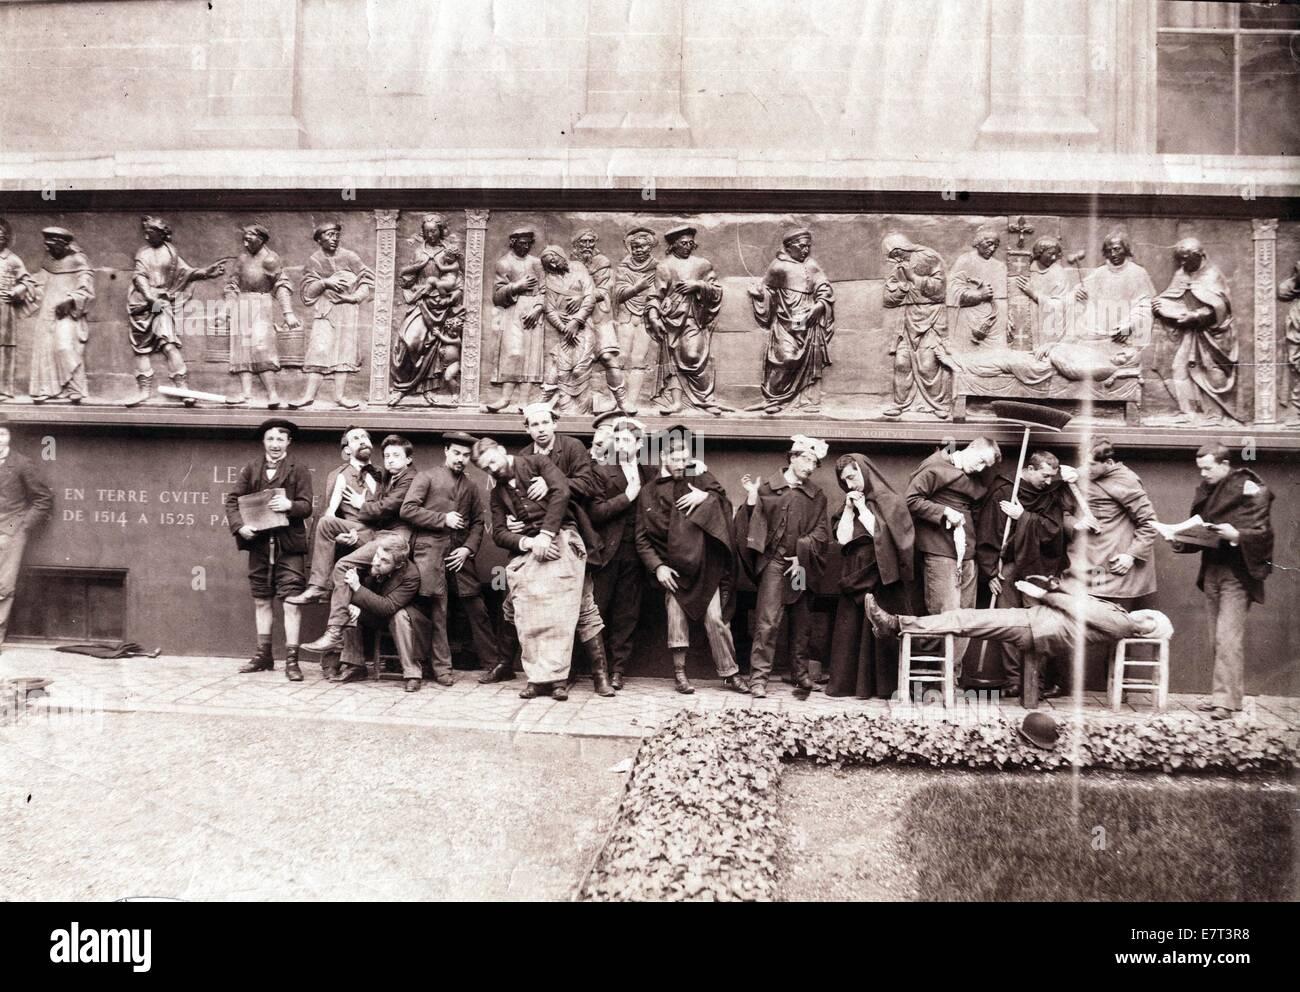 Bien-aimé Students, Ecole des Beaux Arts, Paris, ca 1871, by Gaudenzio  CE42